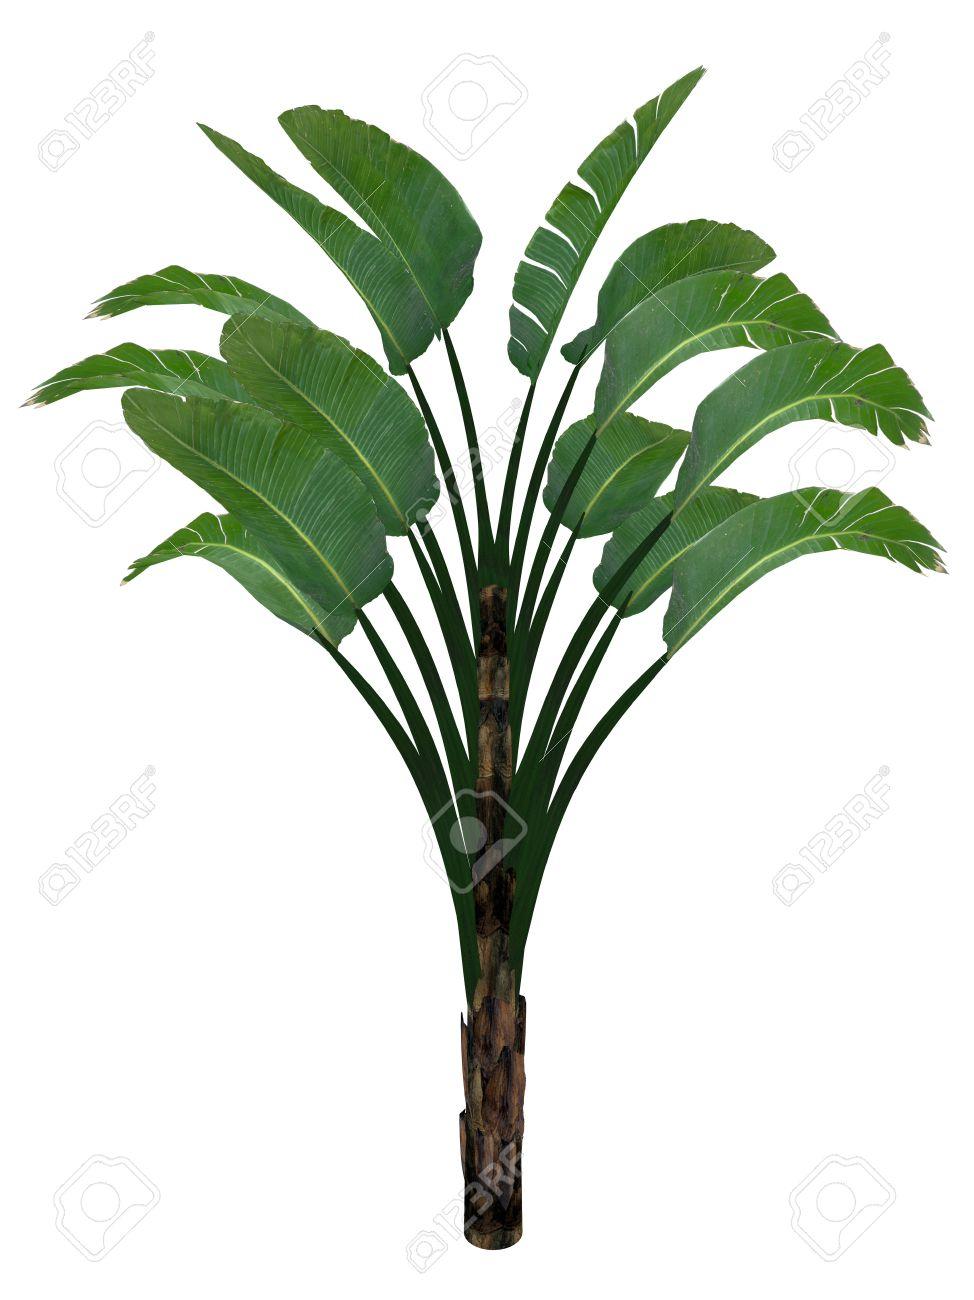 Giant White Bird Of Paradise Or Wild Banana Tree Strelitzia Stock